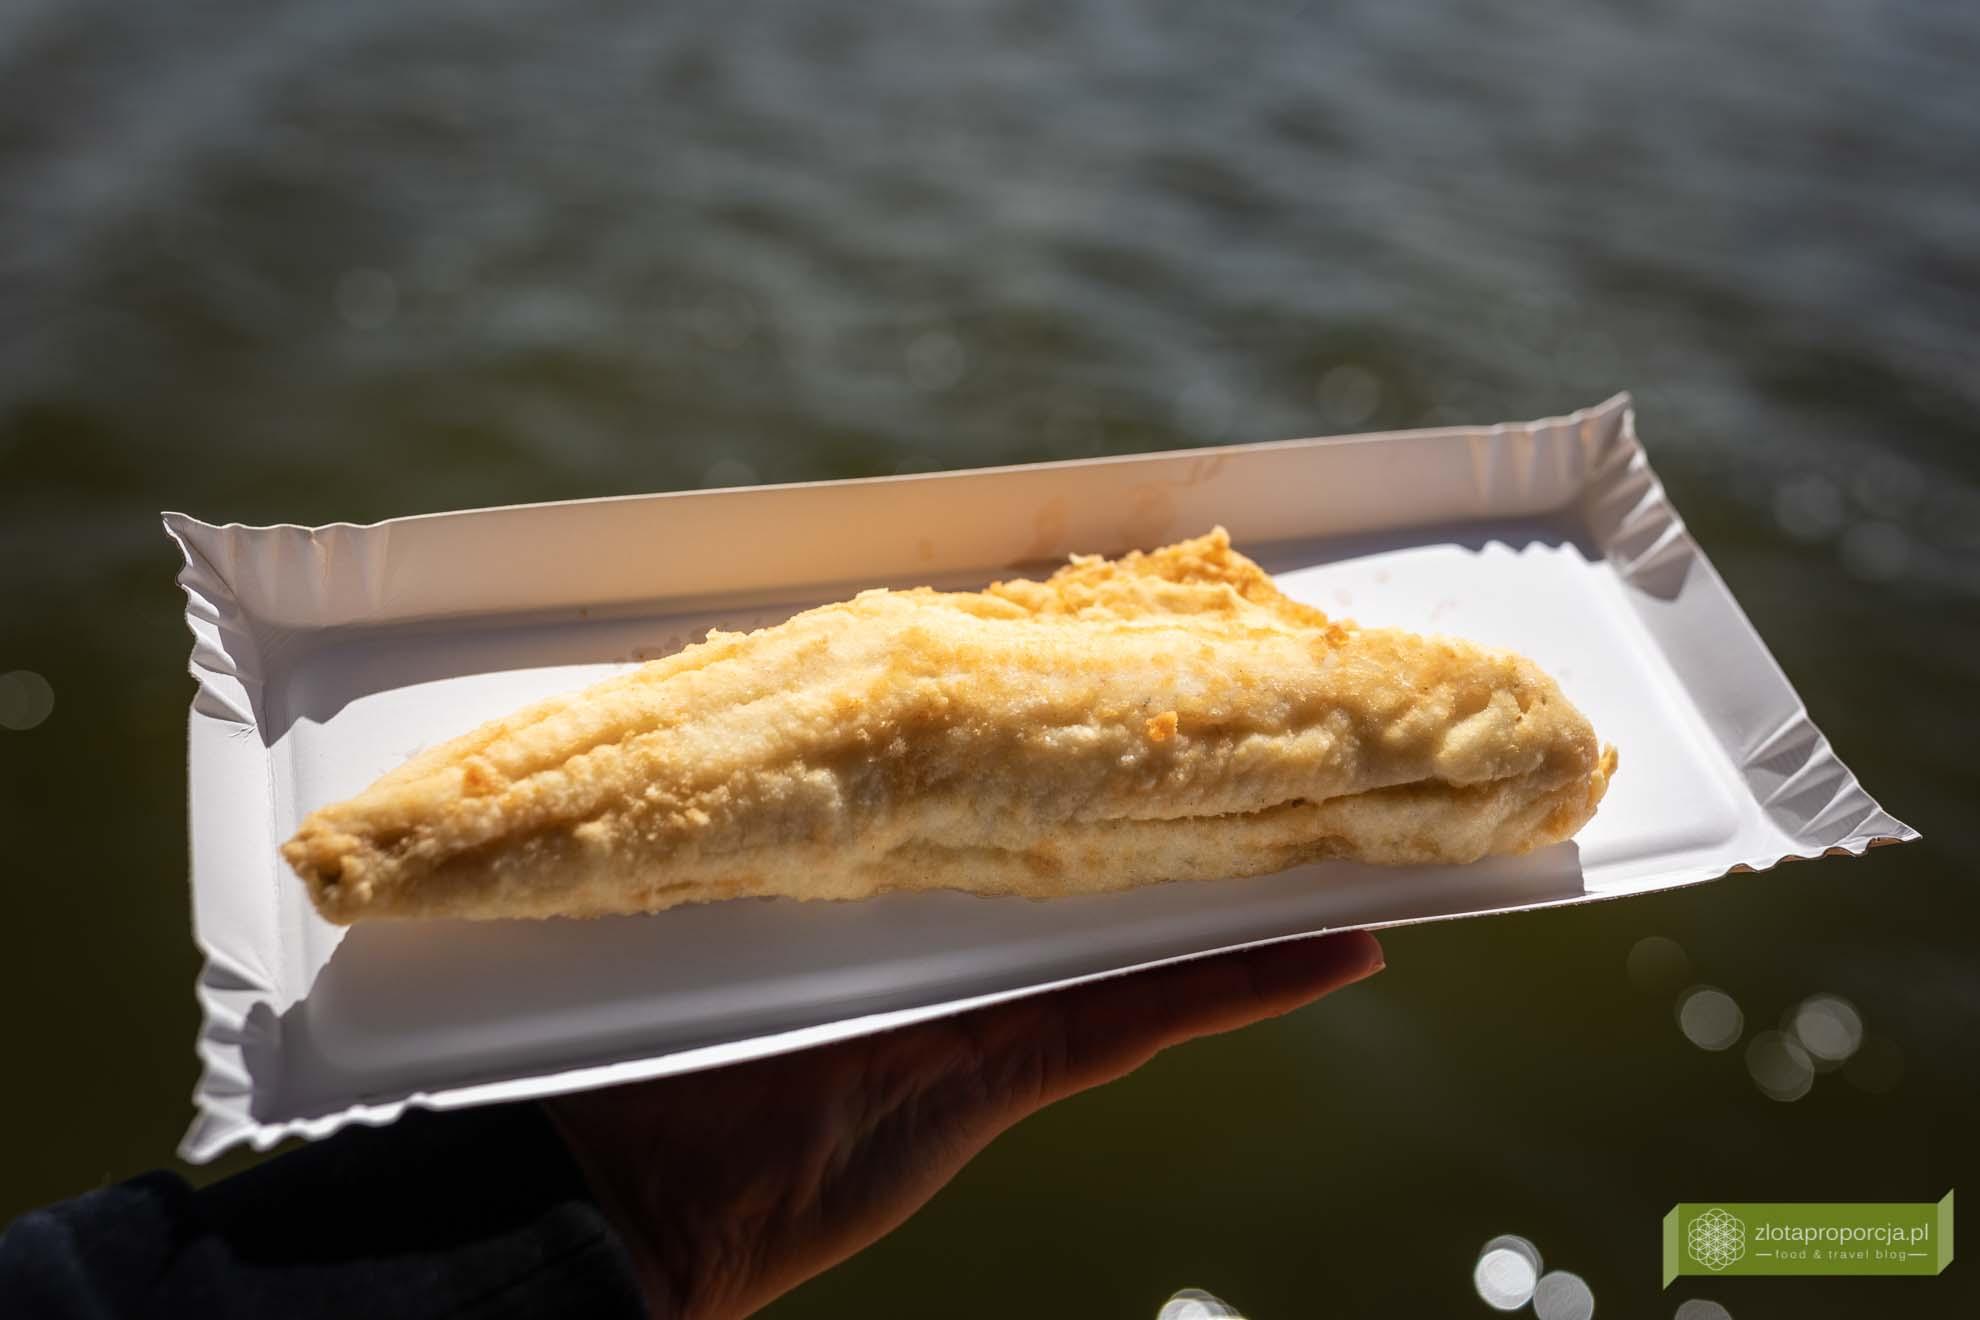 Żeglarska Smażalnia; Żeglarska Smażalnia na jeziorze Szymon; Mazury; jezioro Szymon; gdzie zjeść na Mazurach; smażalnia ryb Mazury; Fishbarka;